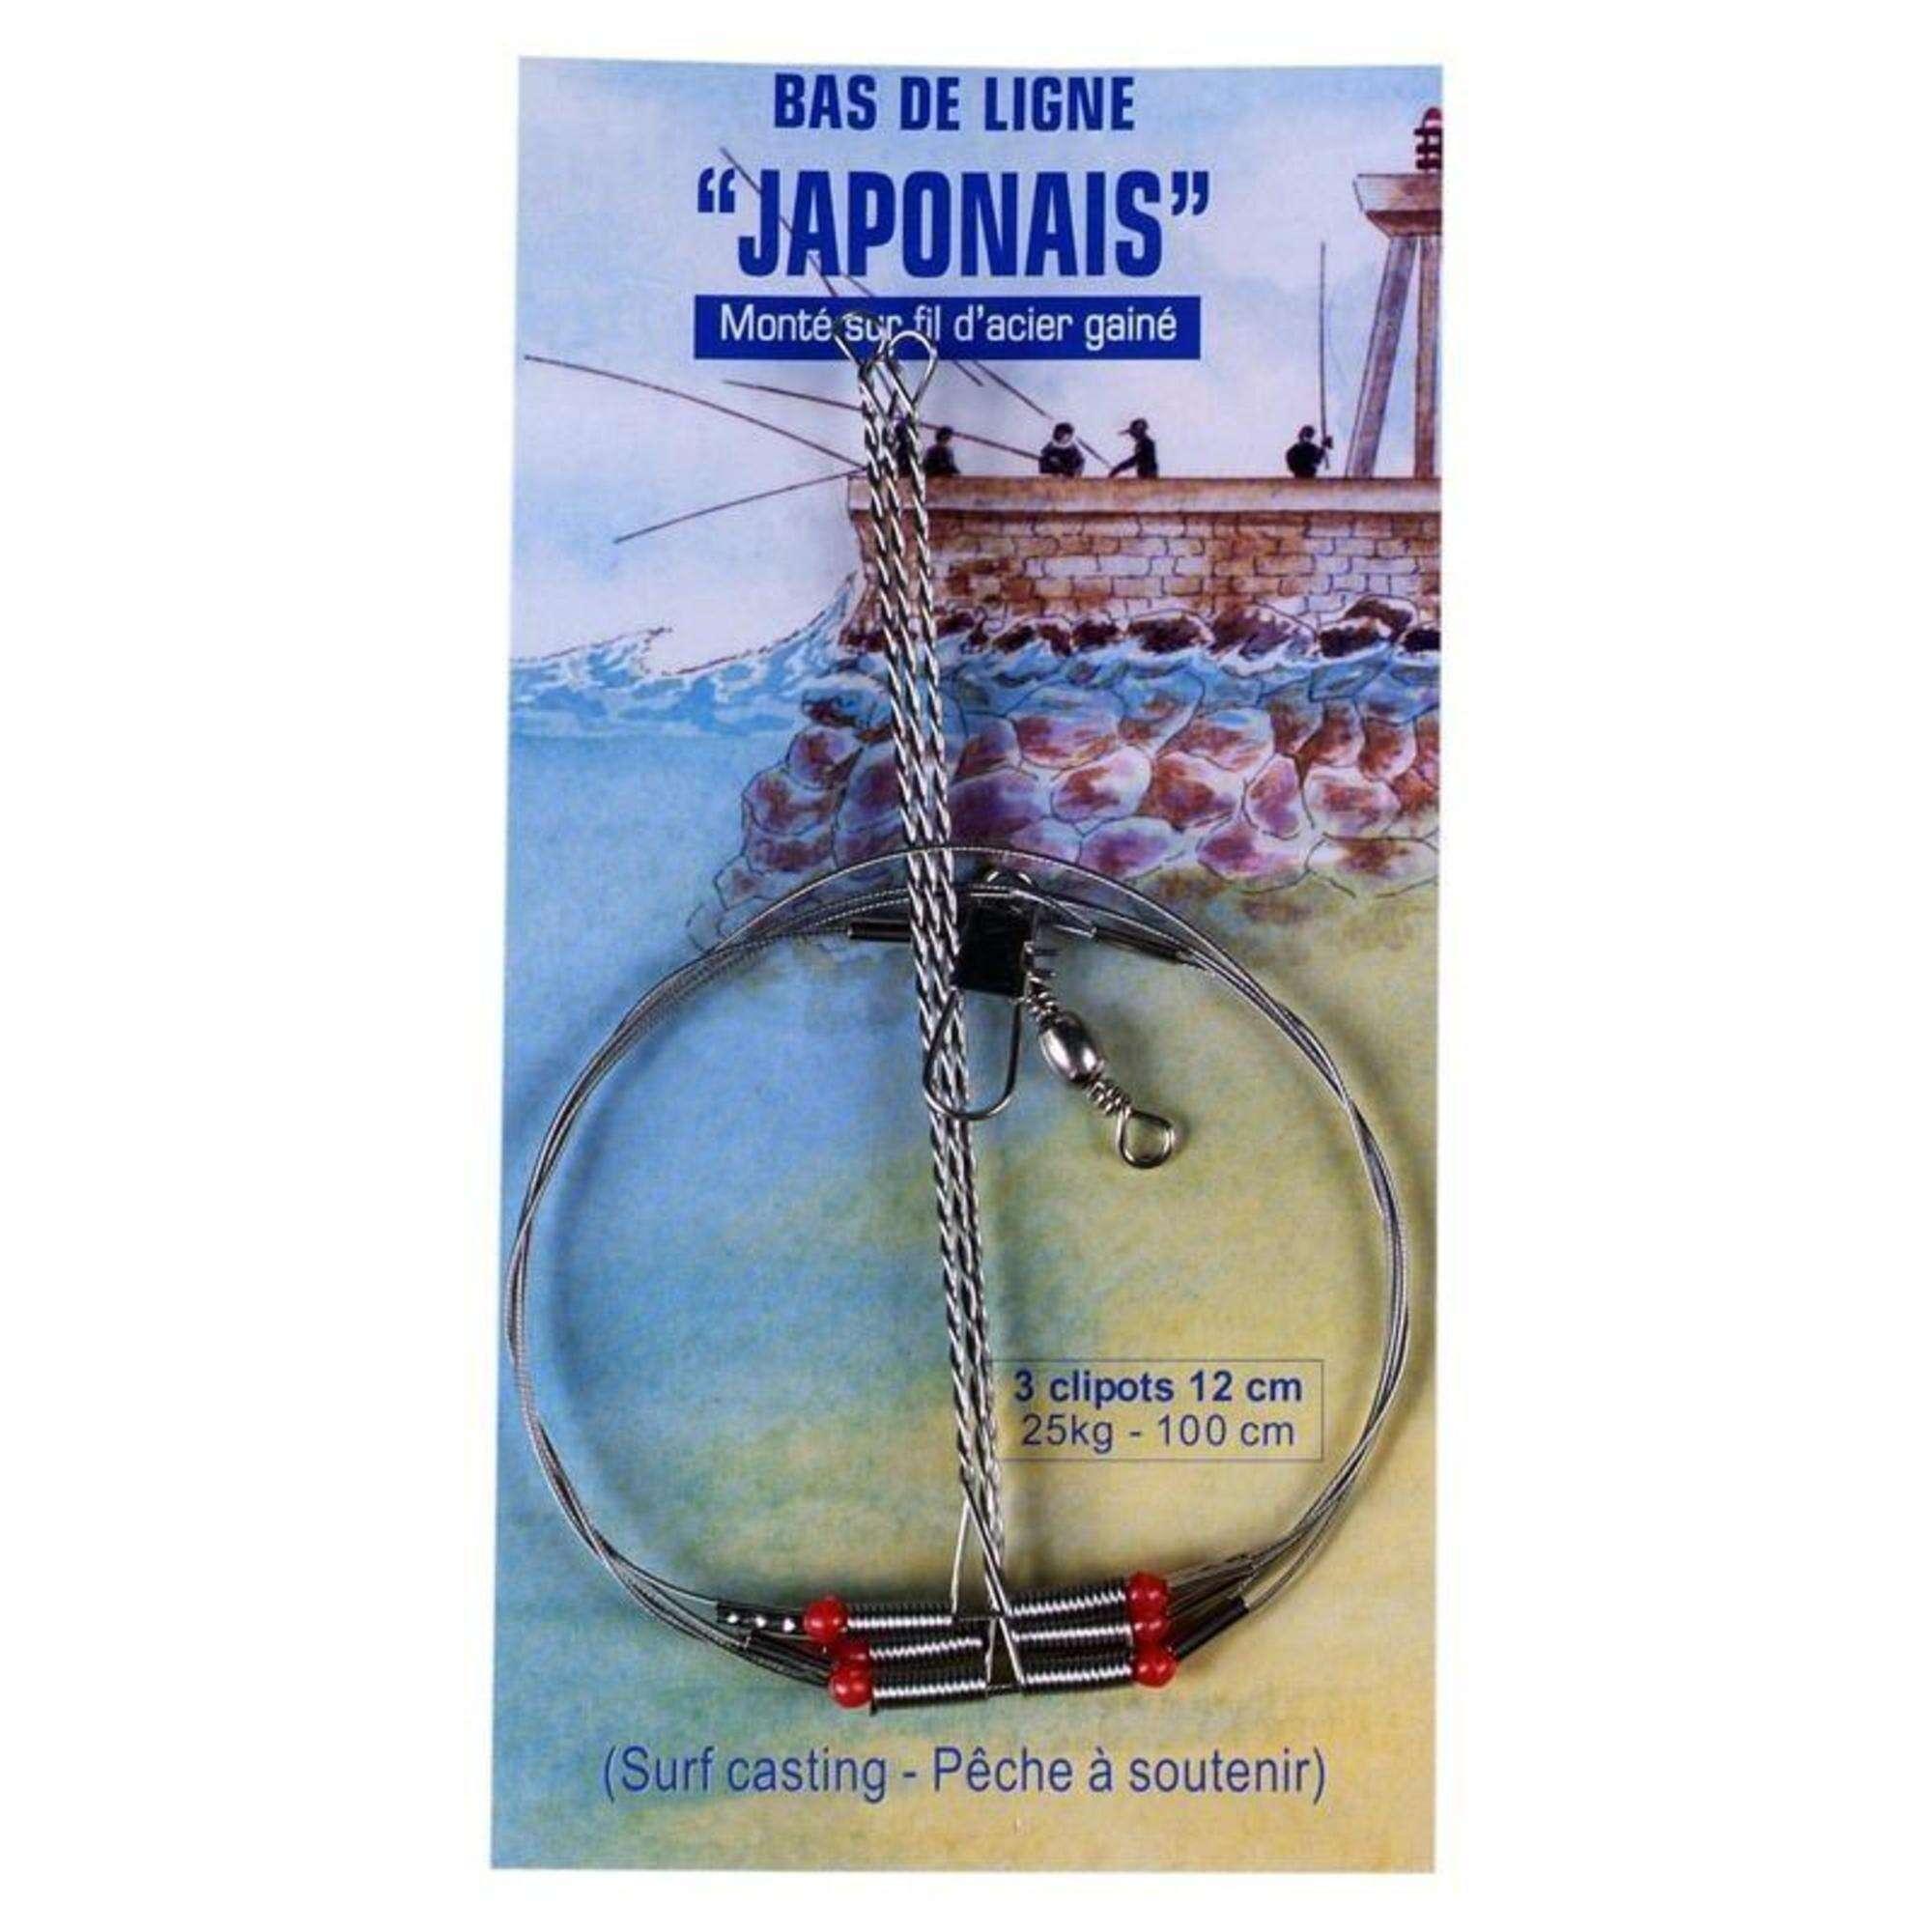 CLIP LINE Rybolov - NÁVAZEC JAPONAIS 12 CM OCEL  FLASHMER - Rybářské vybavení